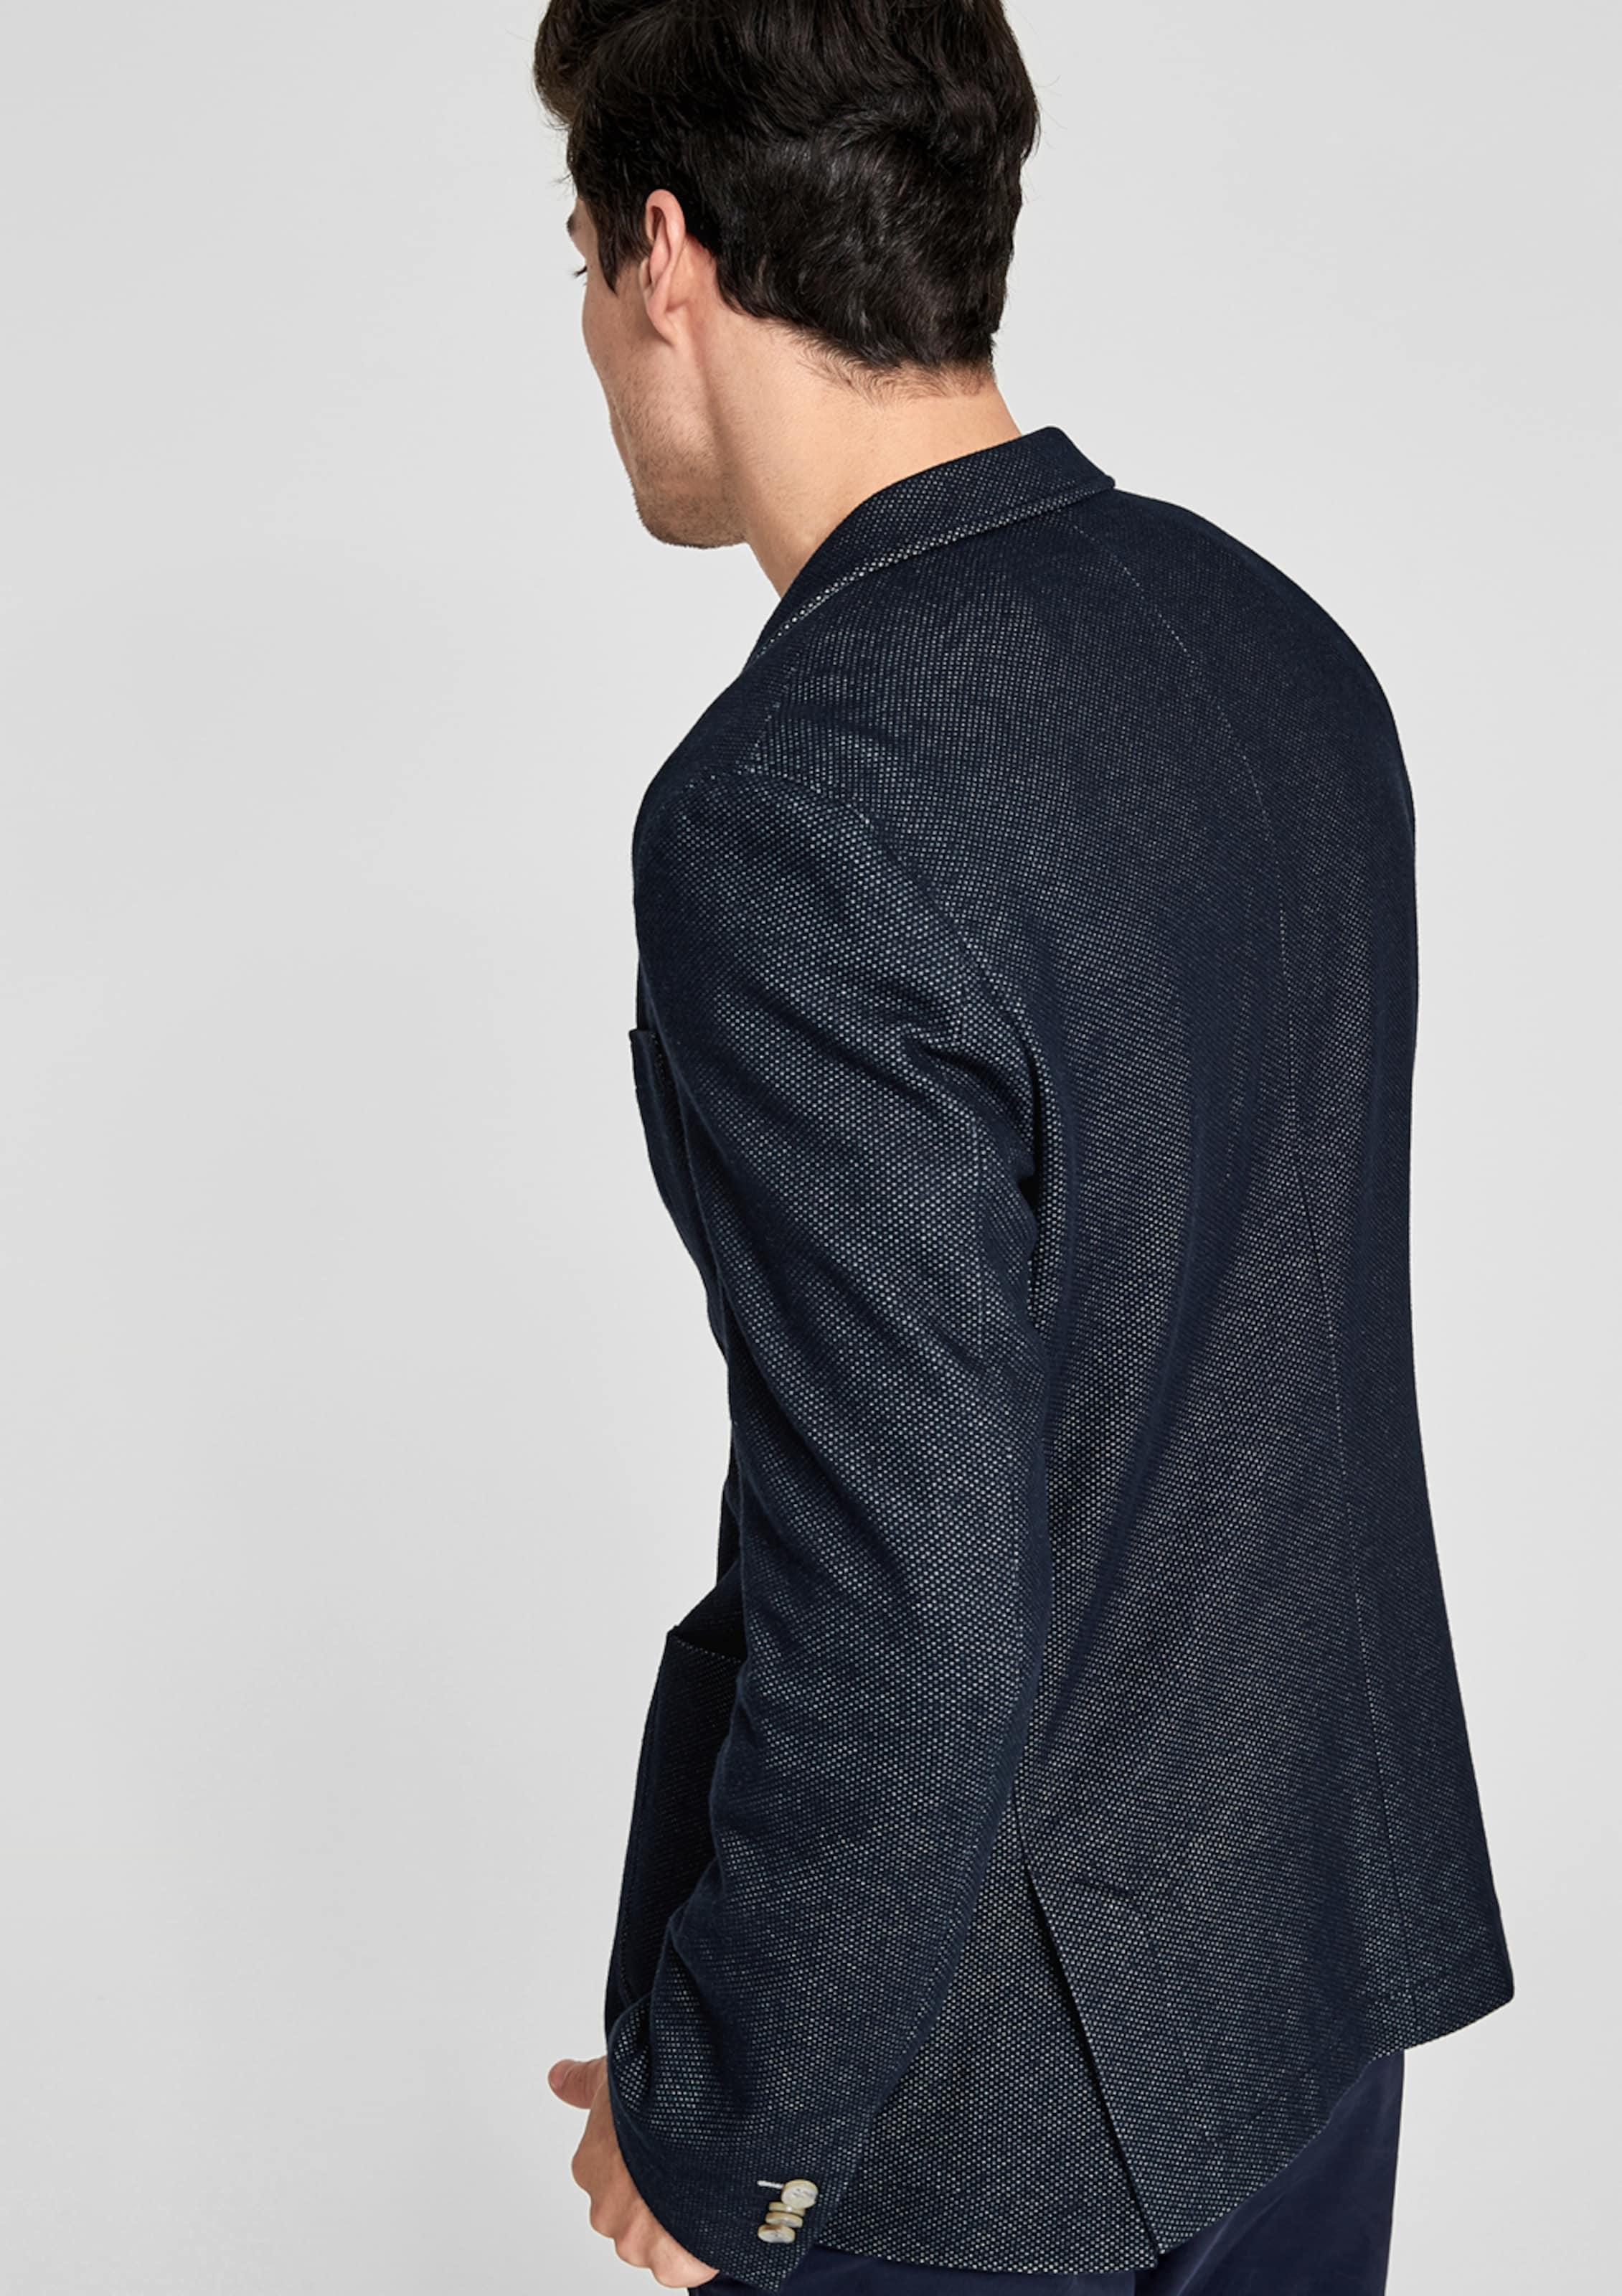 Billig Bester Laden Zu Bekommen Authentisch Zu Verkaufen s.Oliver BLACK LABEL Modern Fit: Sakko mit Wabenstruktur Aus Deutschland Günstigem Preis dqJfHGpi